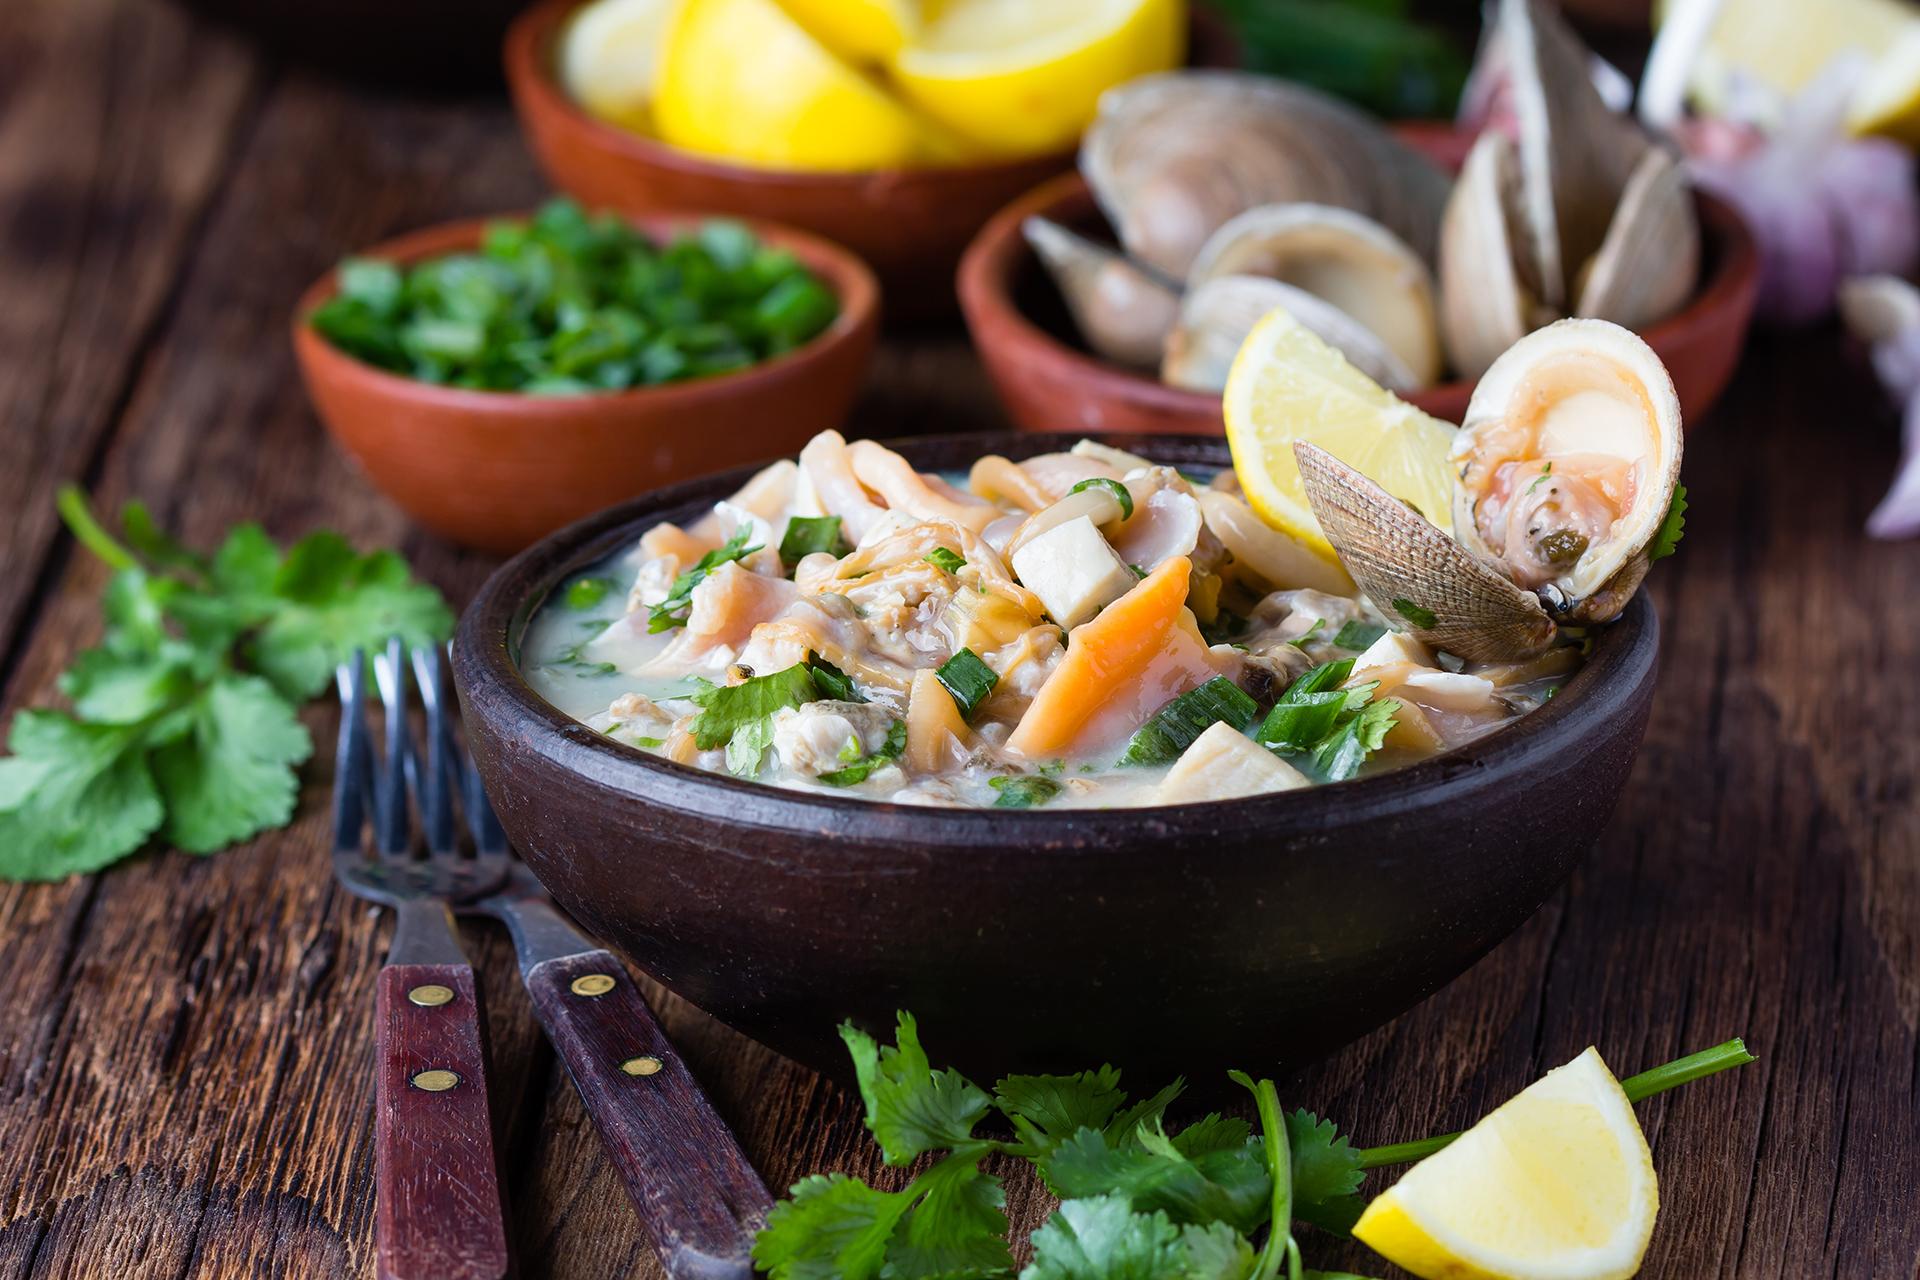 Aunque el ceviche es un plato típico de la gastronomía latinoamericana en general, teniendo cada país su particular estilo de preparación, el peruano, el plato bandera de la gastronomía del Perú, se considera el másdelicioso